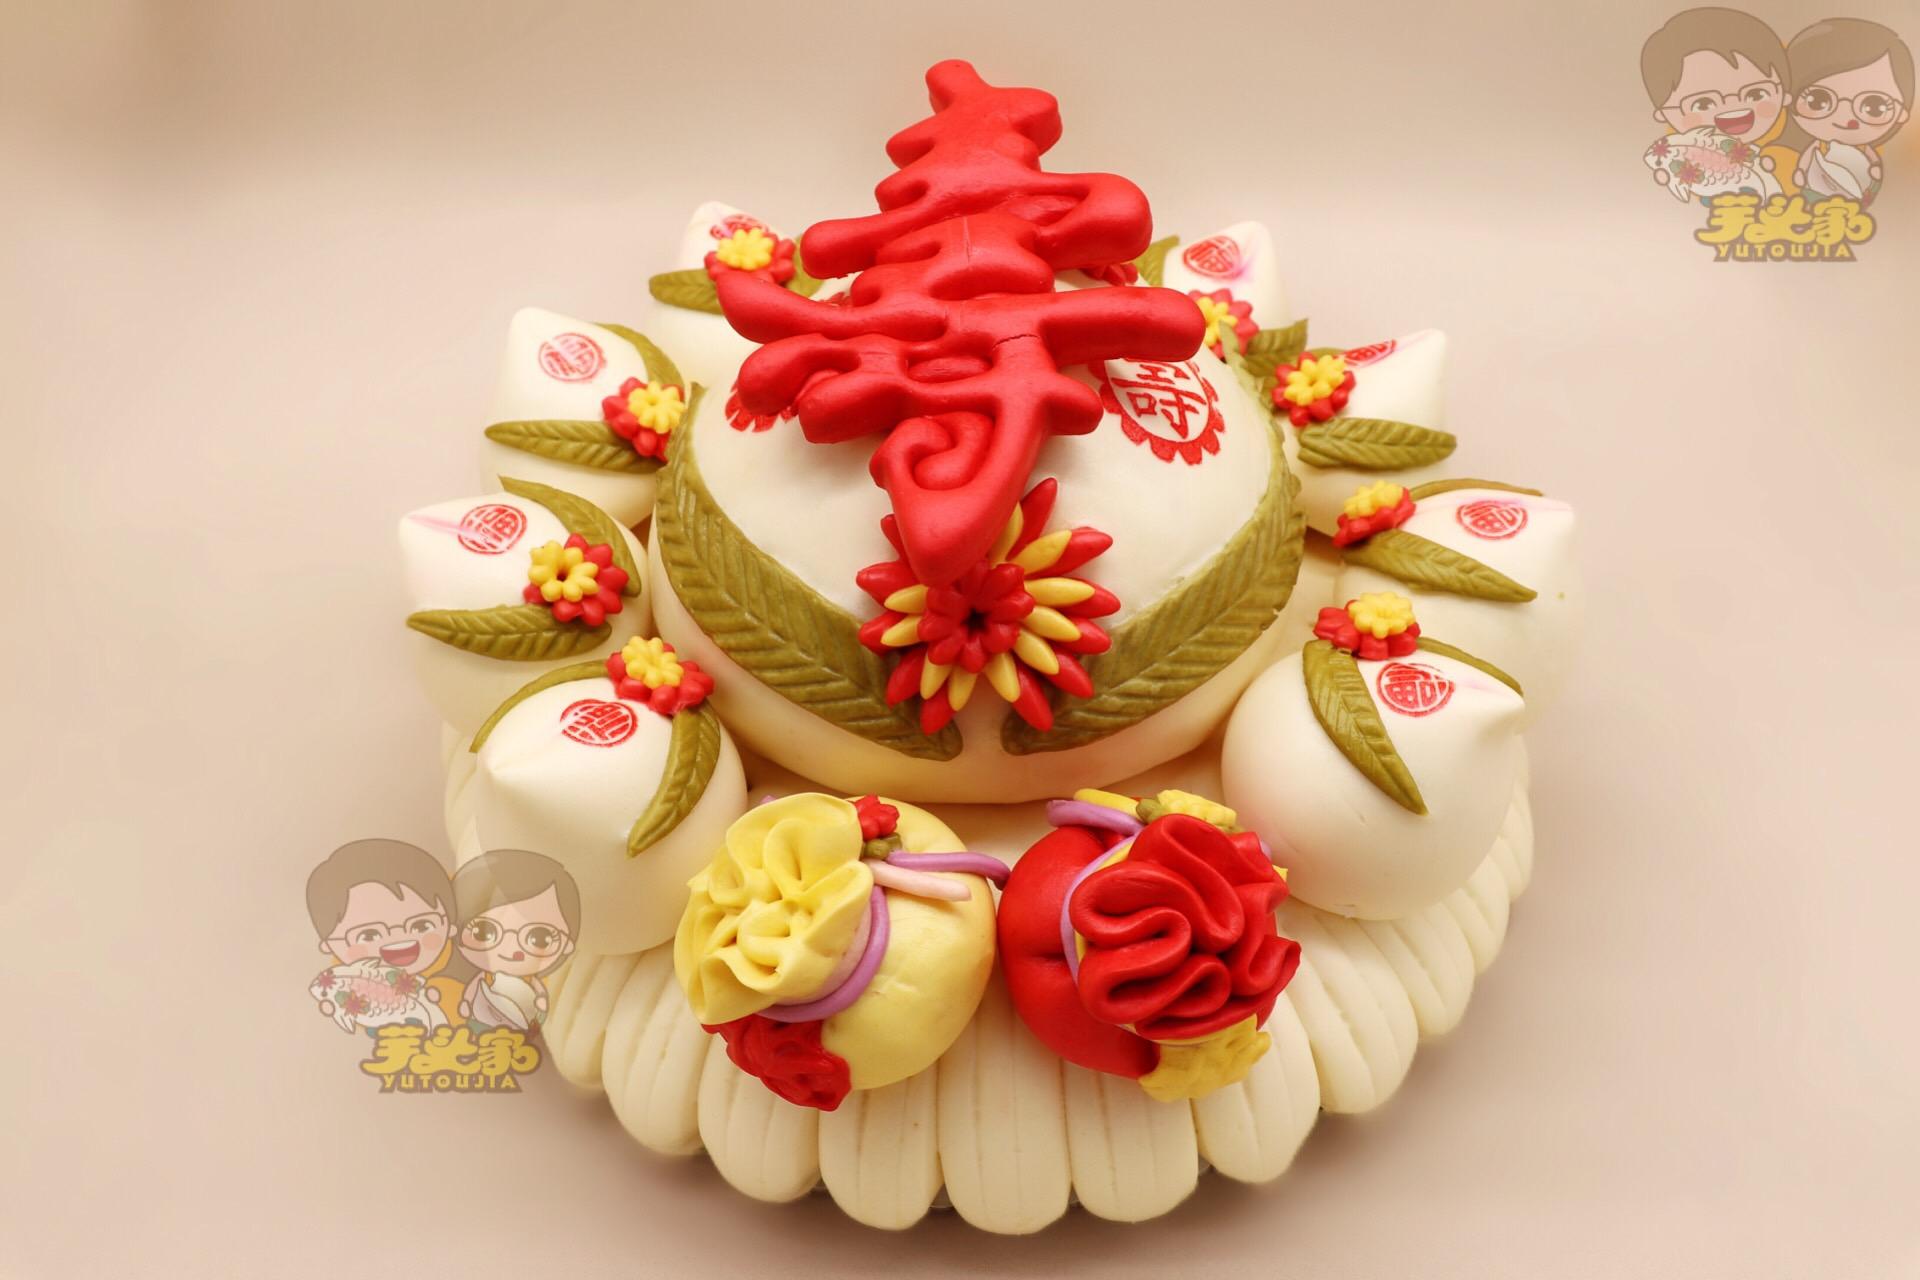 芋头家胶东特色大饽饽生日礼物寿桃老人礼品纯手工花样馒头花馍